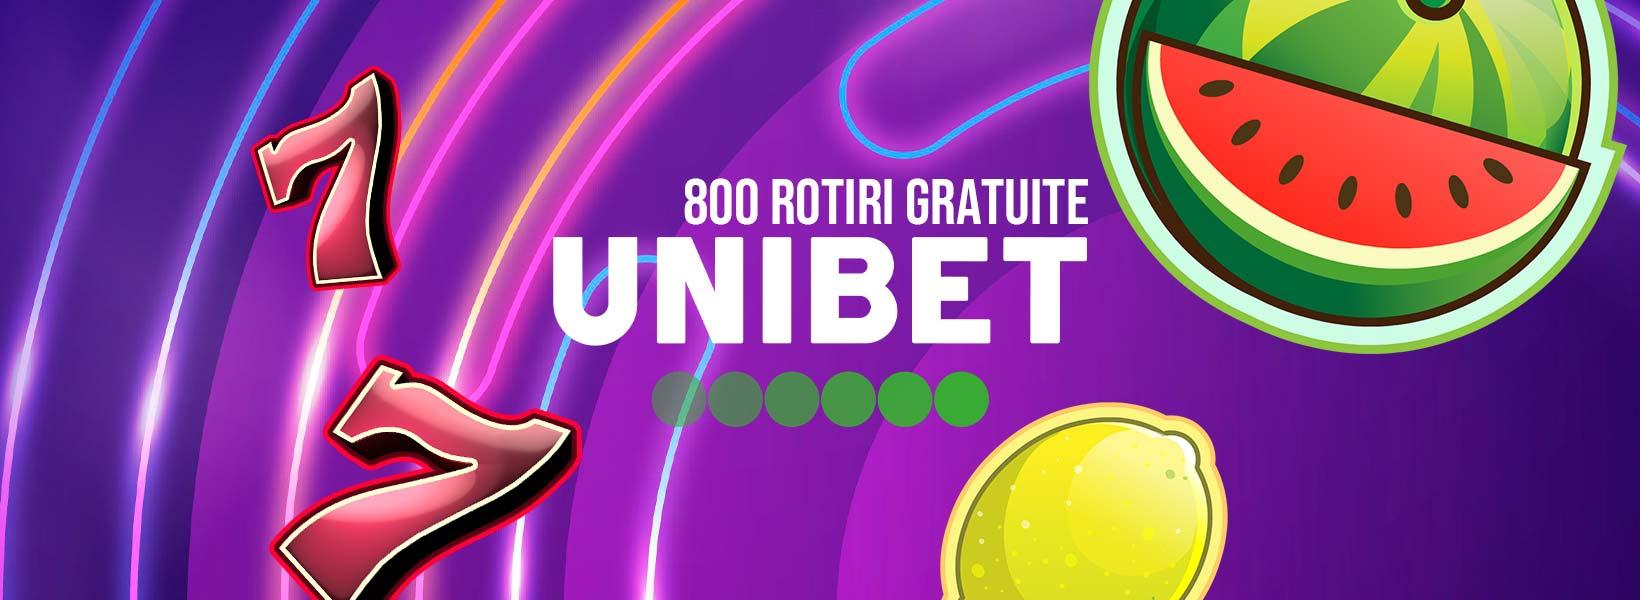 800 rotiri gratuite unibet